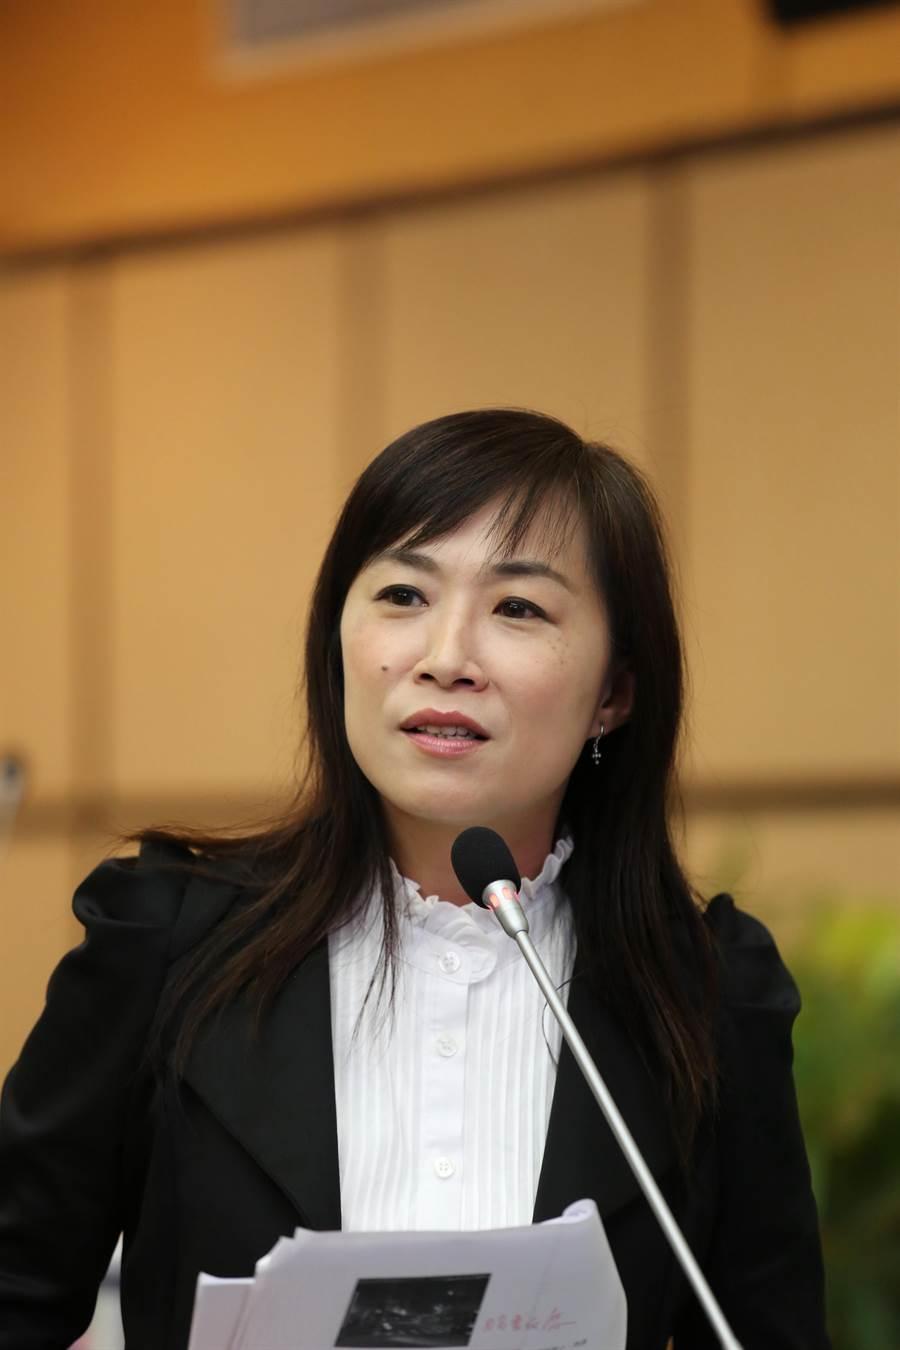 民進黨台南市第四選區立委初選,現任台南市議員林宜瑾勝出。(資料照片)